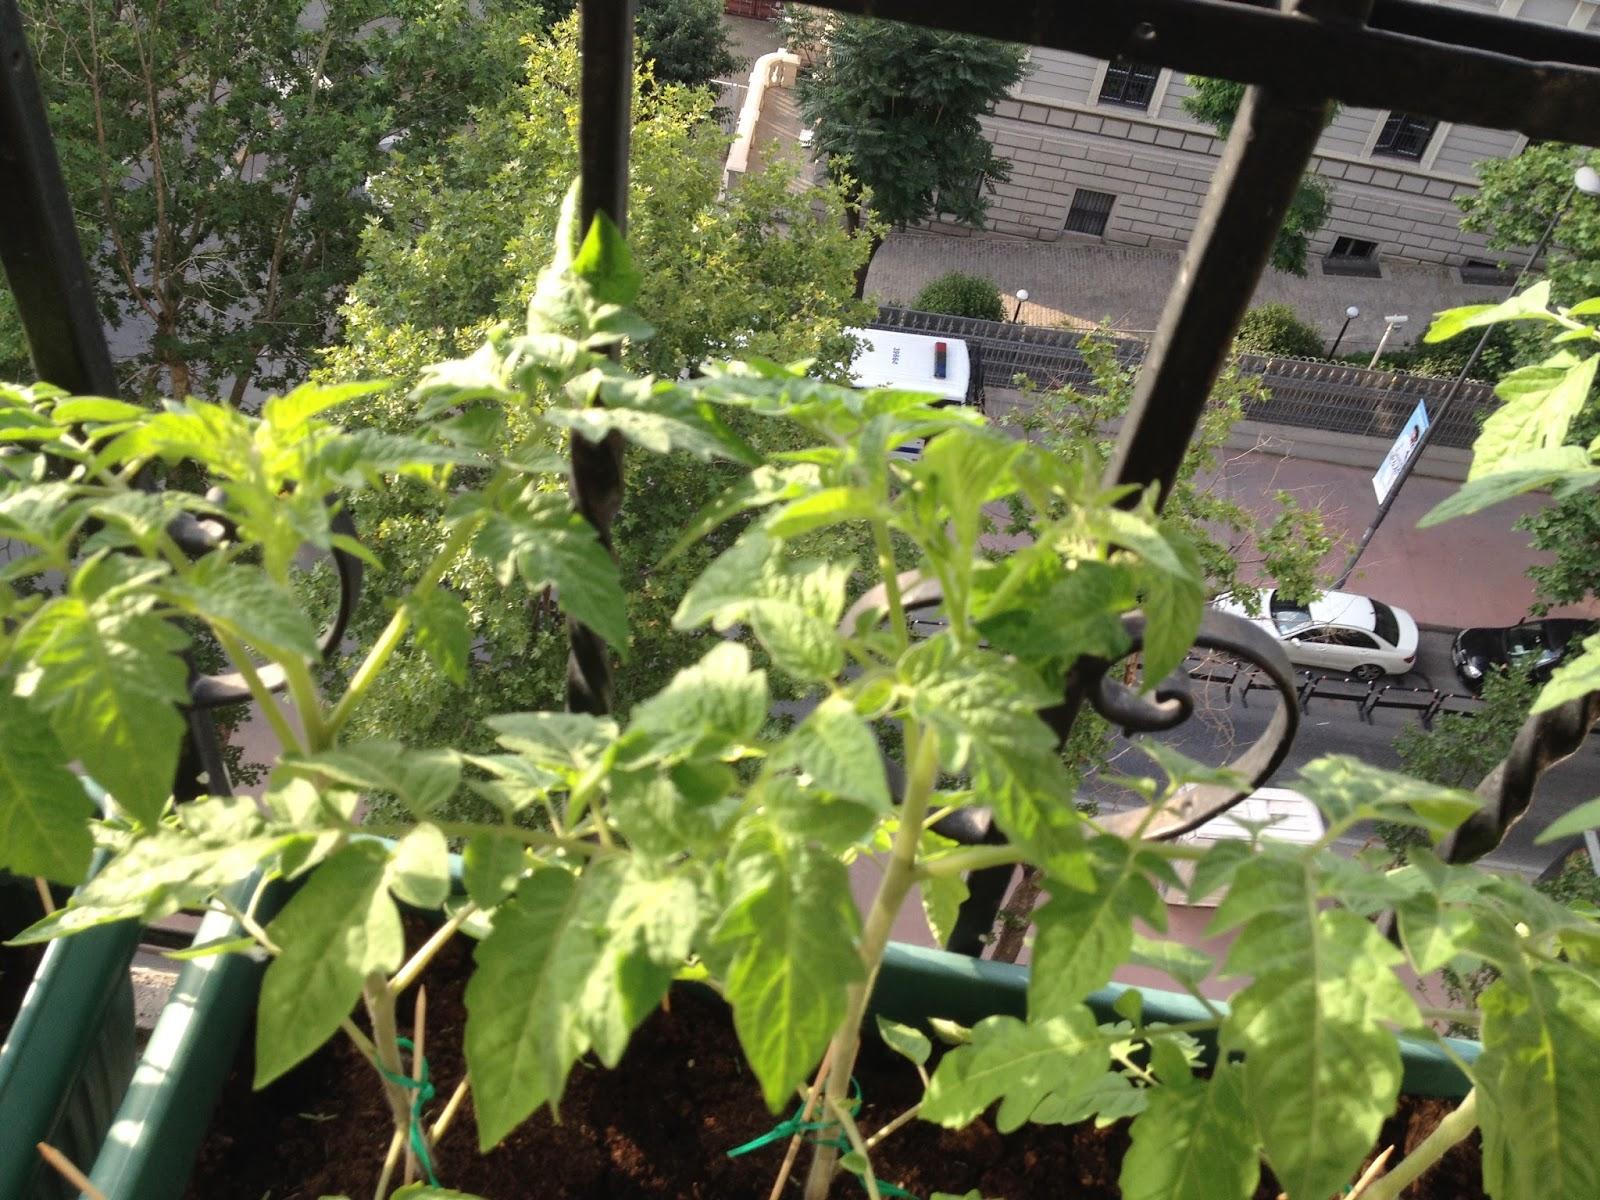 Faydalı ve pratik bir satın alma - sebzeleri balkonda saklamak için bir kutu